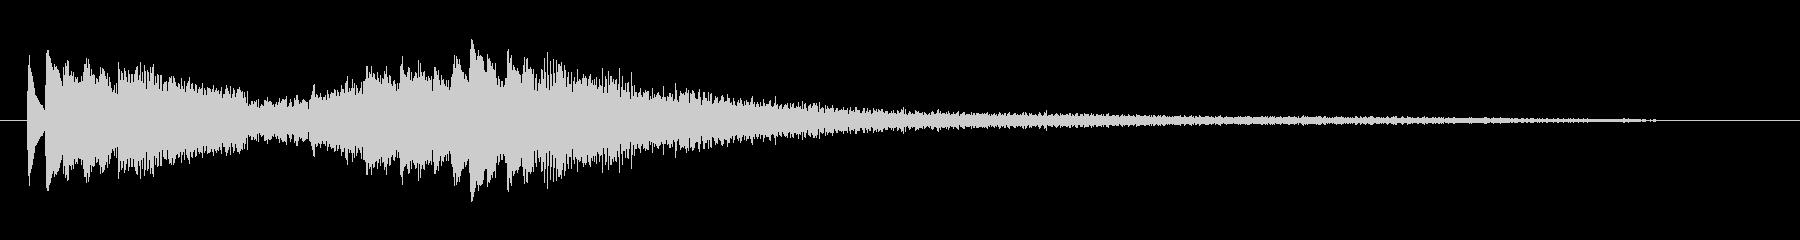 モダンでかっこいいピアノジングルの未再生の波形